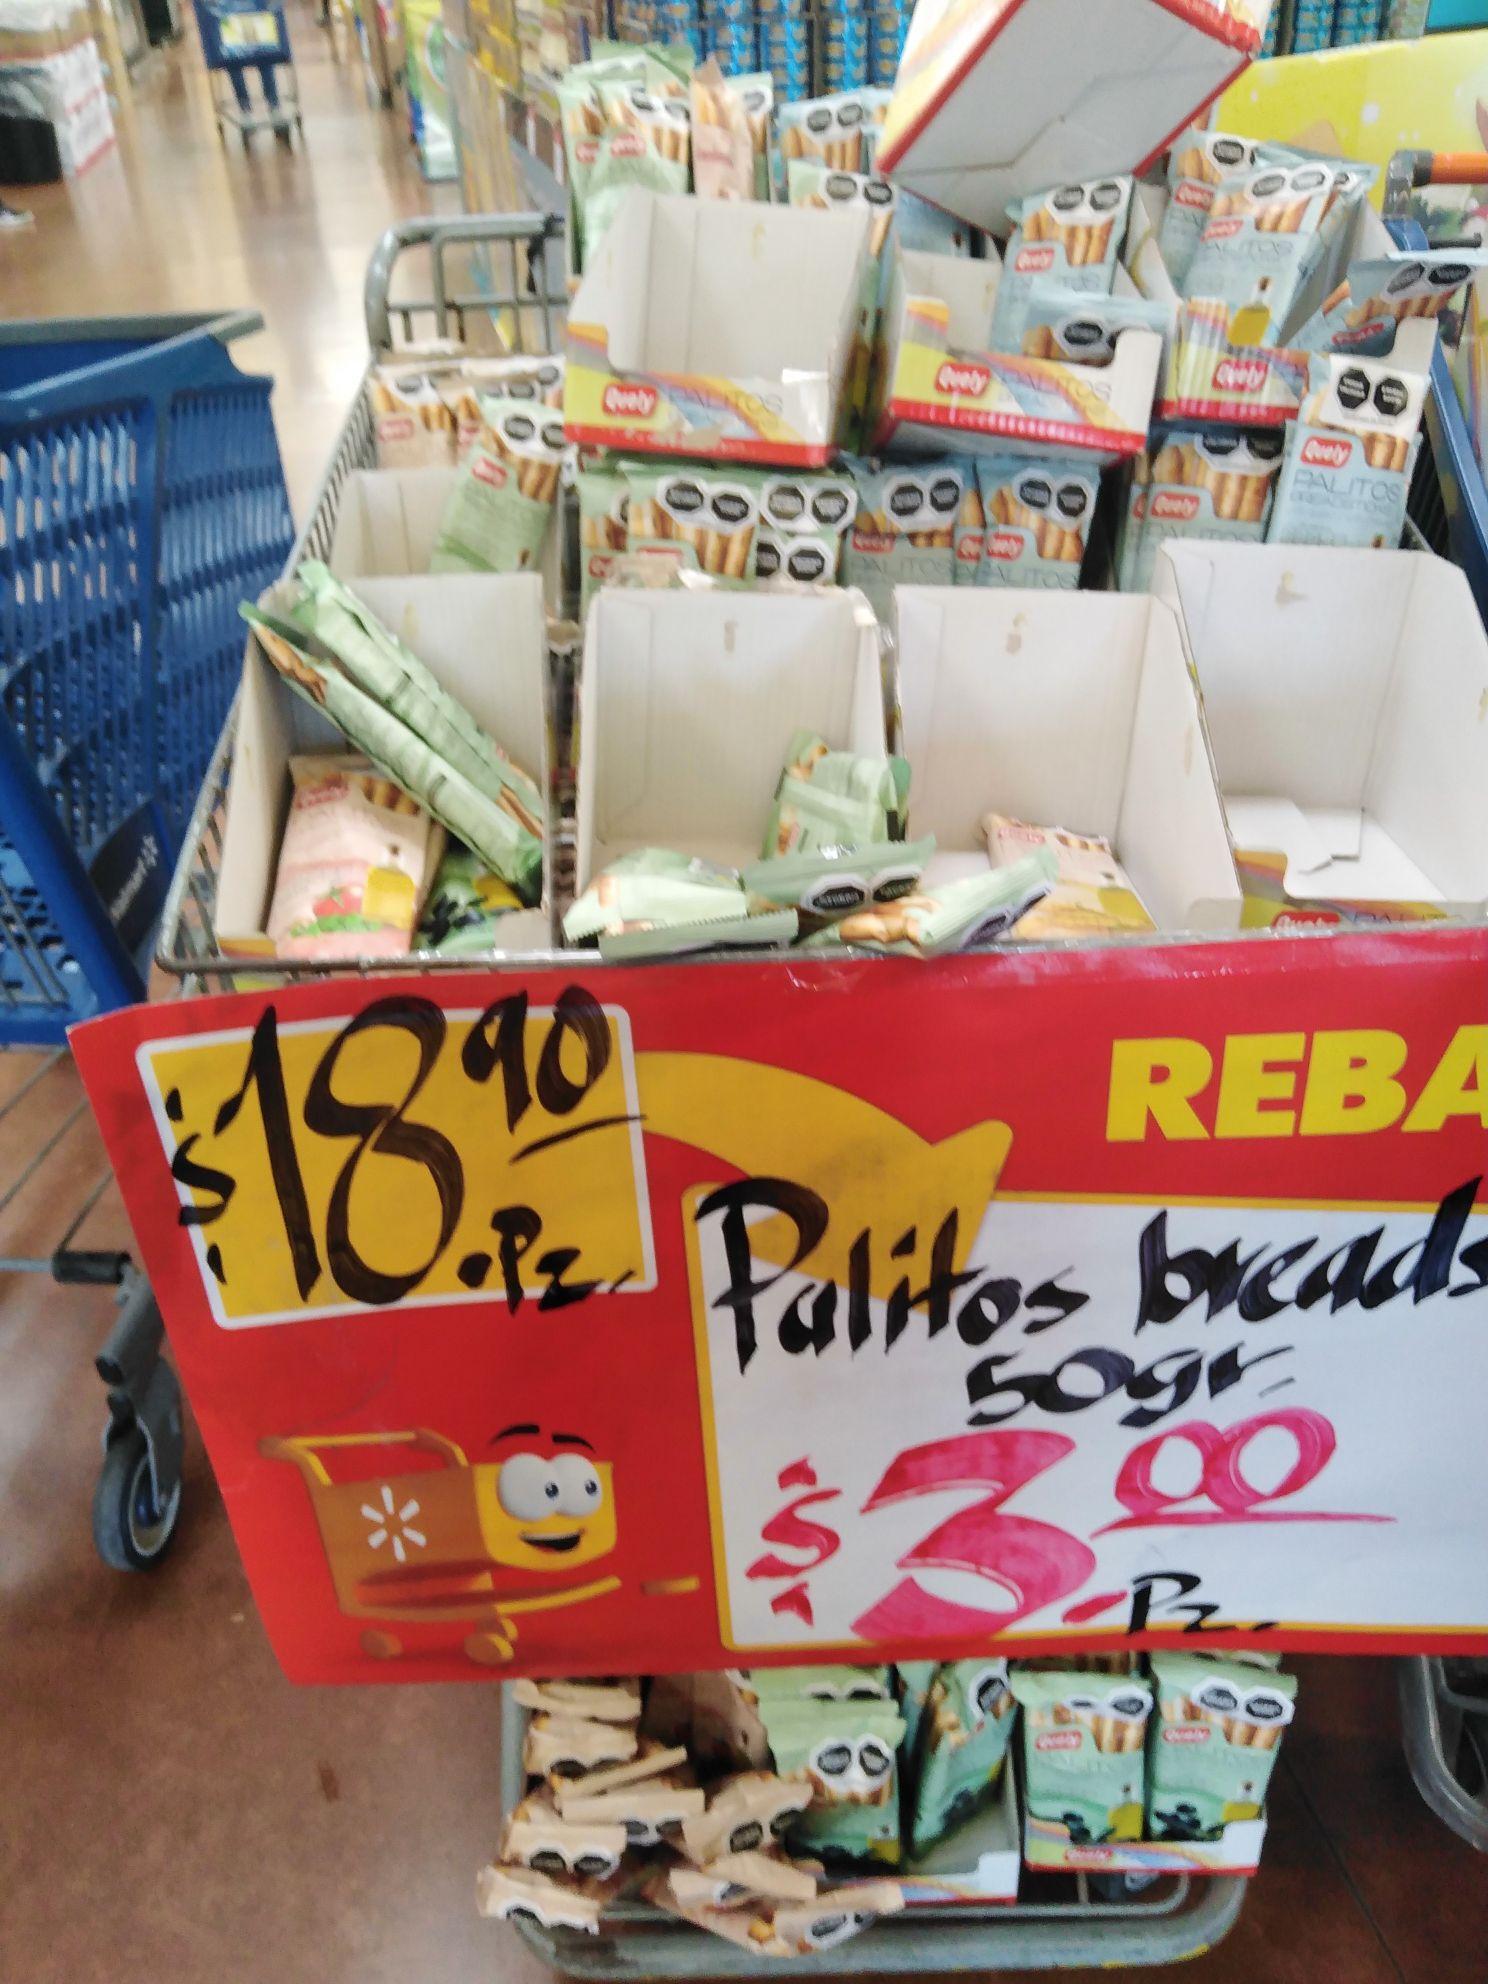 Walmart Mazatlán: palitos de pan variedad sabor